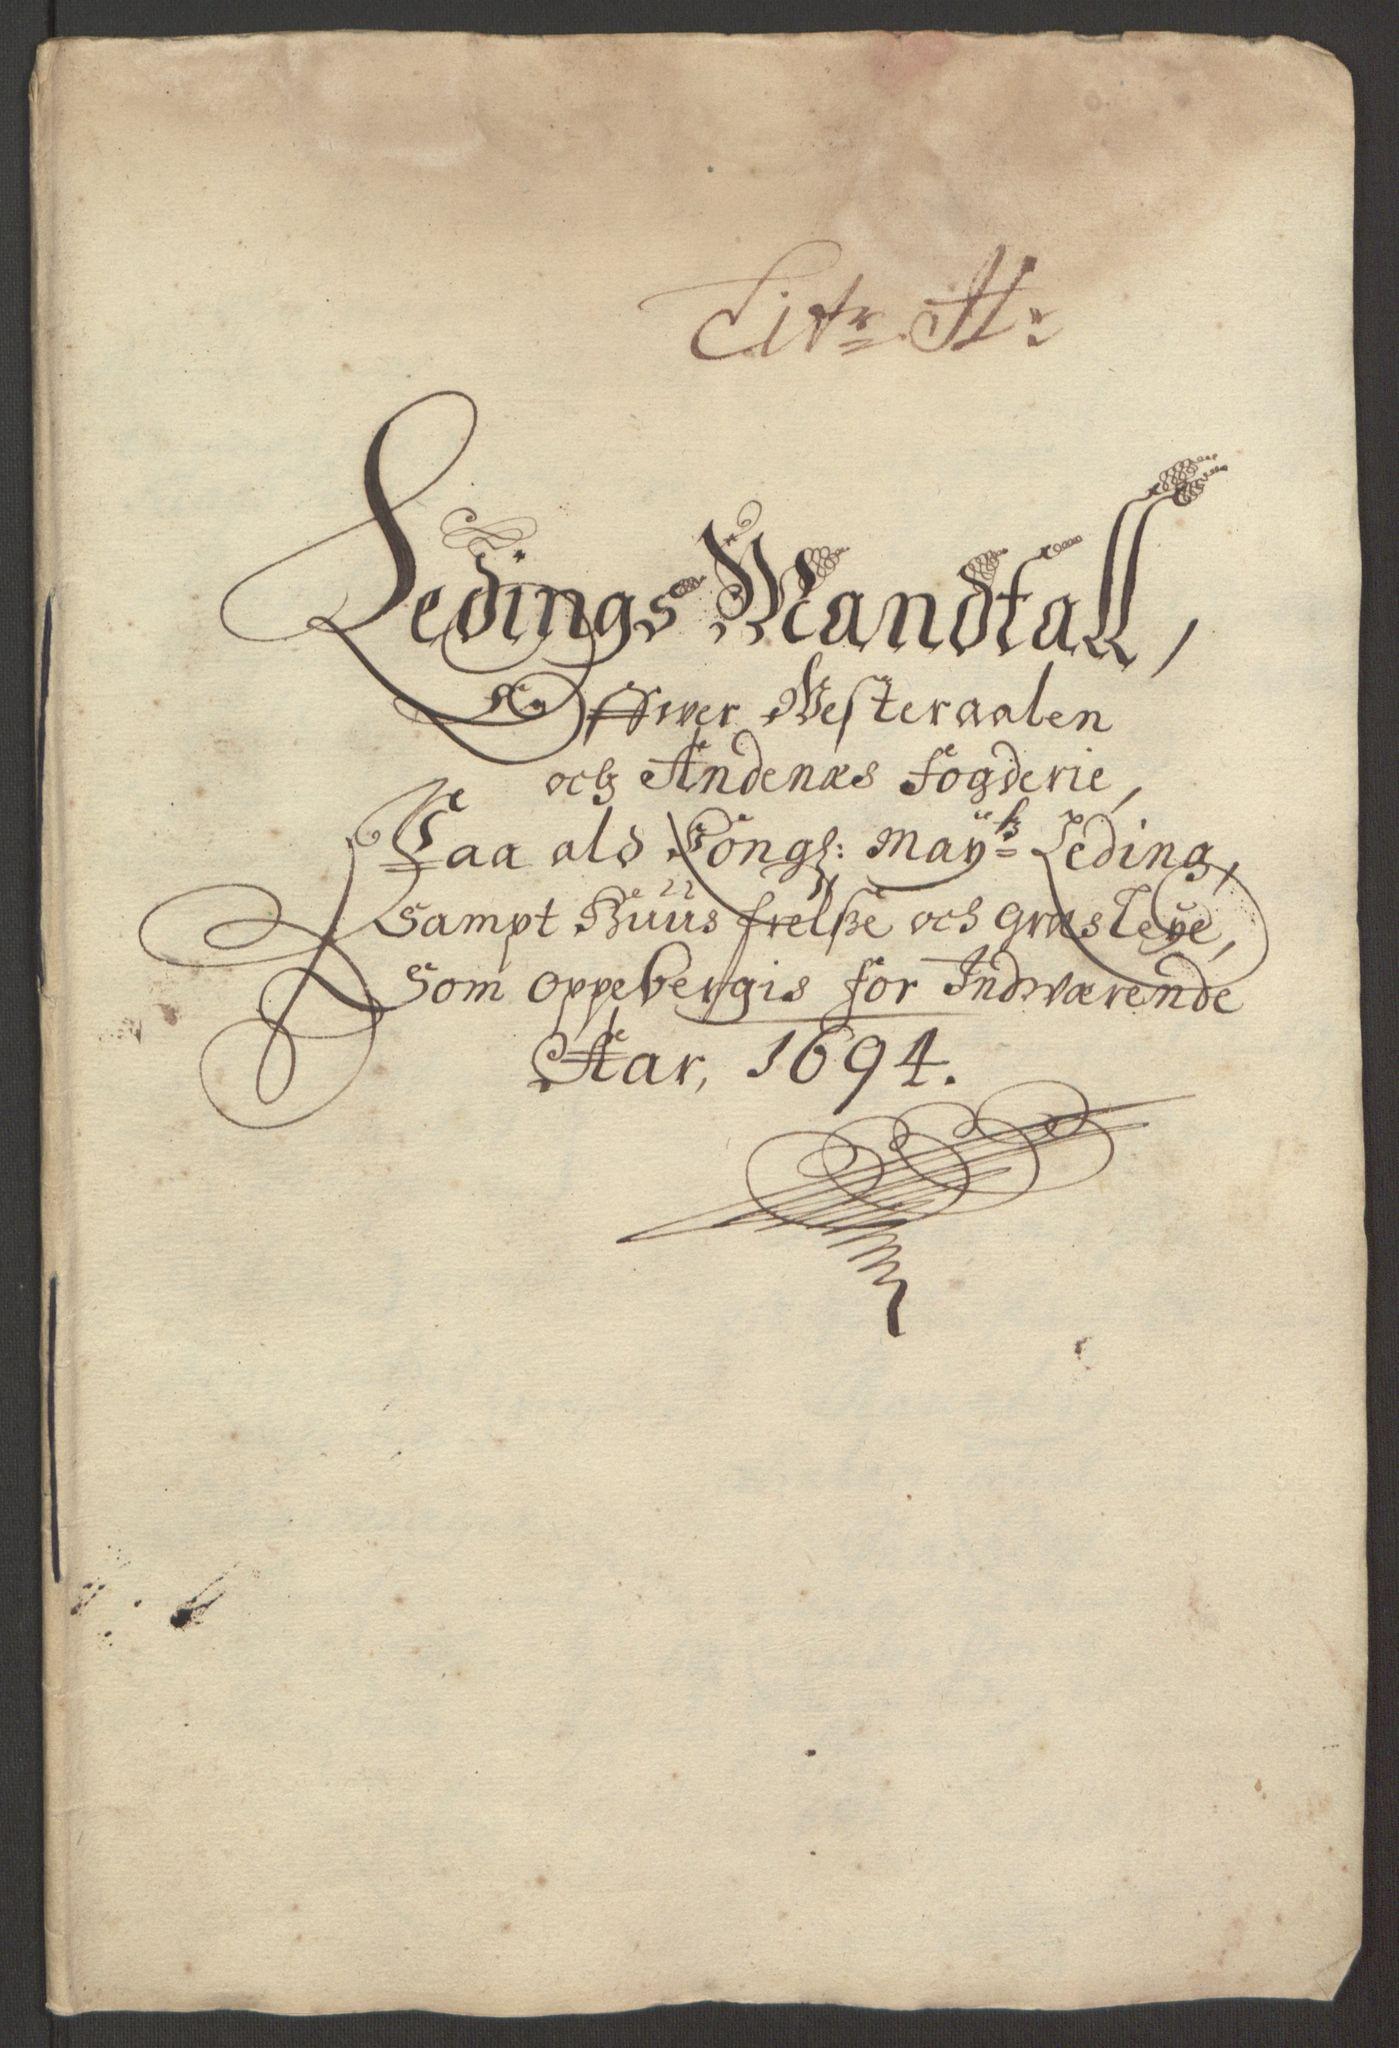 RA, Rentekammeret inntil 1814, Reviderte regnskaper, Fogderegnskap, R67/L4677: Fogderegnskap Vesterålen, Andenes og Lofoten, 1694-1695, s. 109